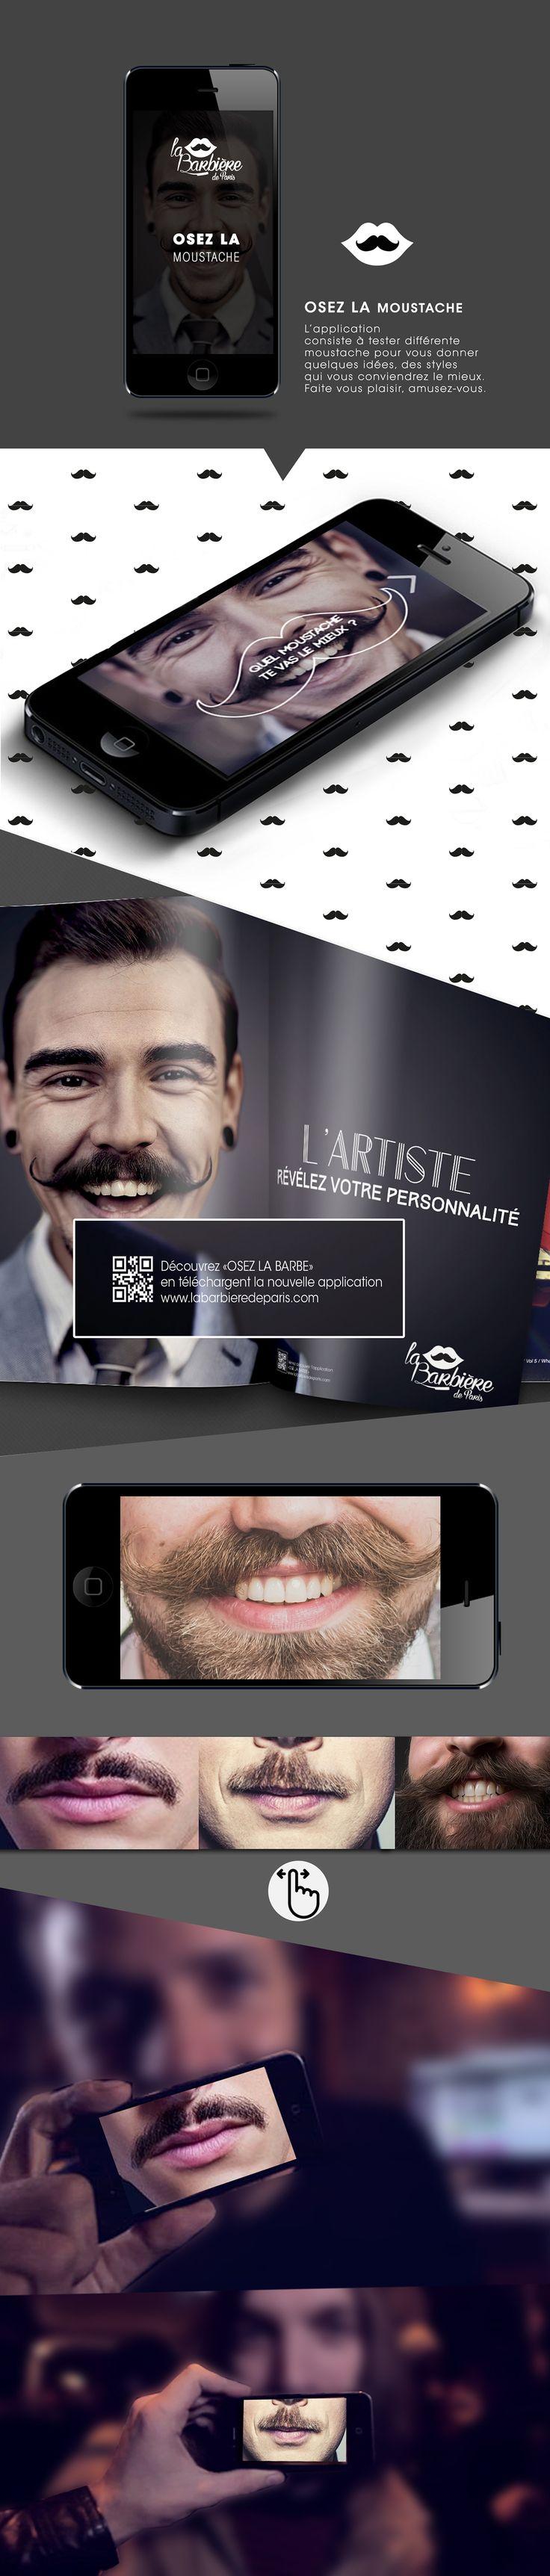 La barbière de paris - Application on Behance